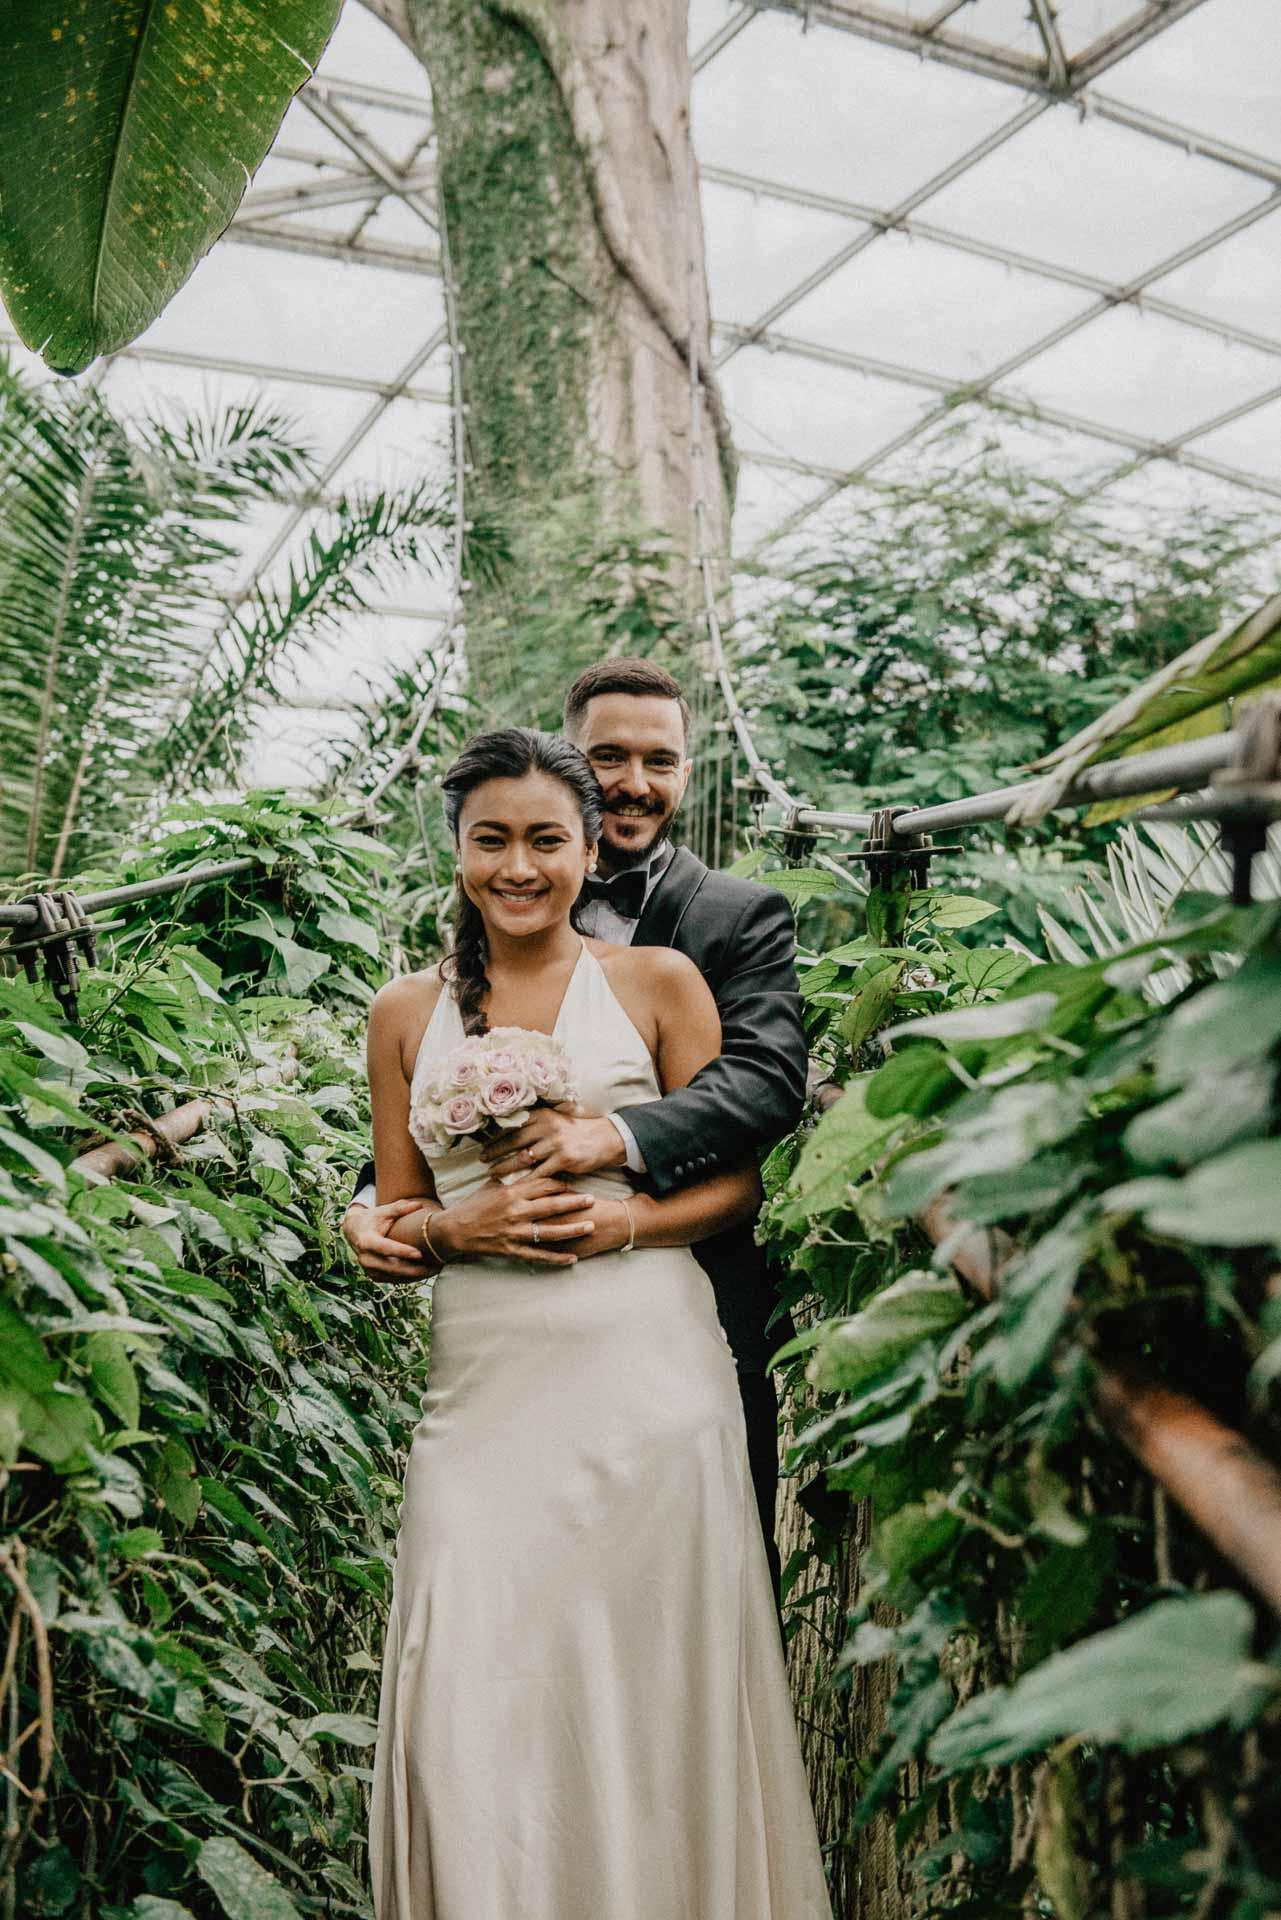 zweinander Hochzeitsfotos Zoo Leipzig von Fah & Eric